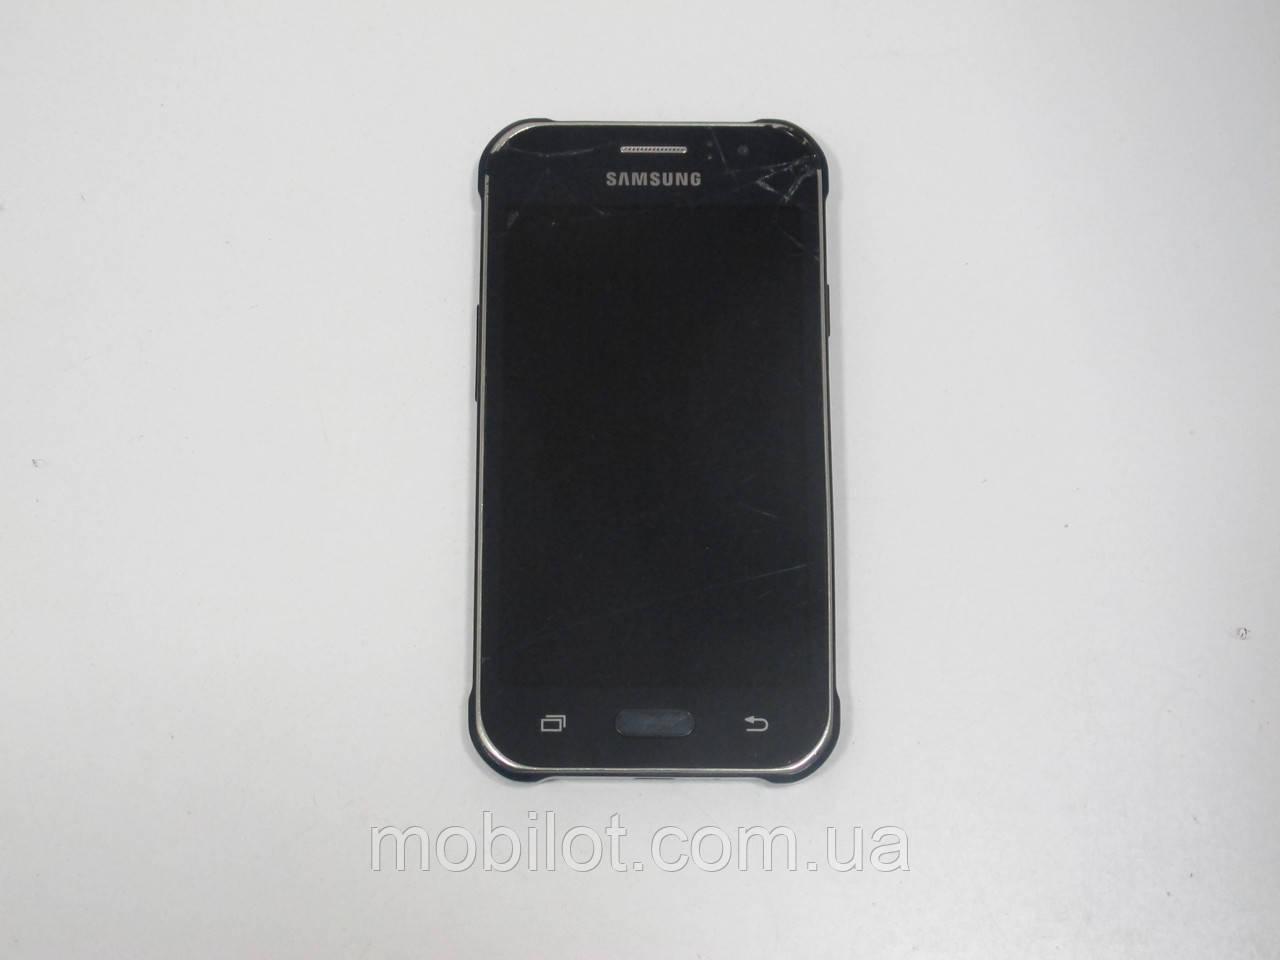 Мобильный телефон Samsung Galaxy J1 ace J110H/DS (TZ-6828)